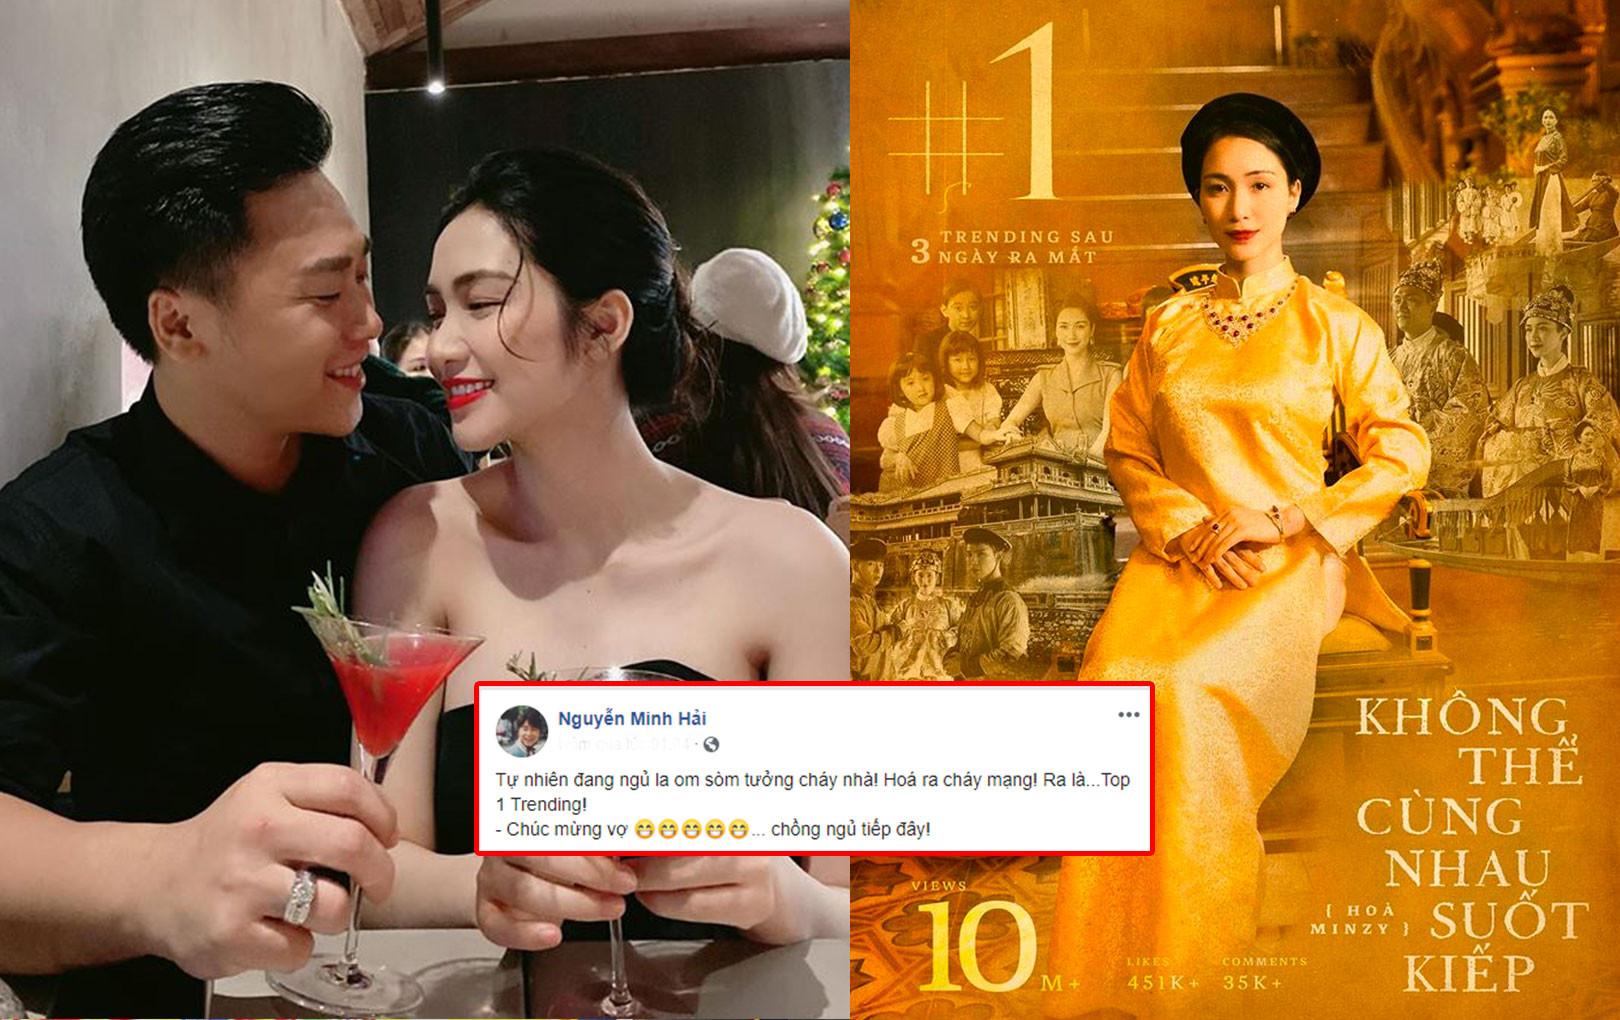 Bạn trai chúc mừng Hoà Minzy lên top 1 trending Youtube, vô tình tiết lộ chi tiết đang sống chung nhà